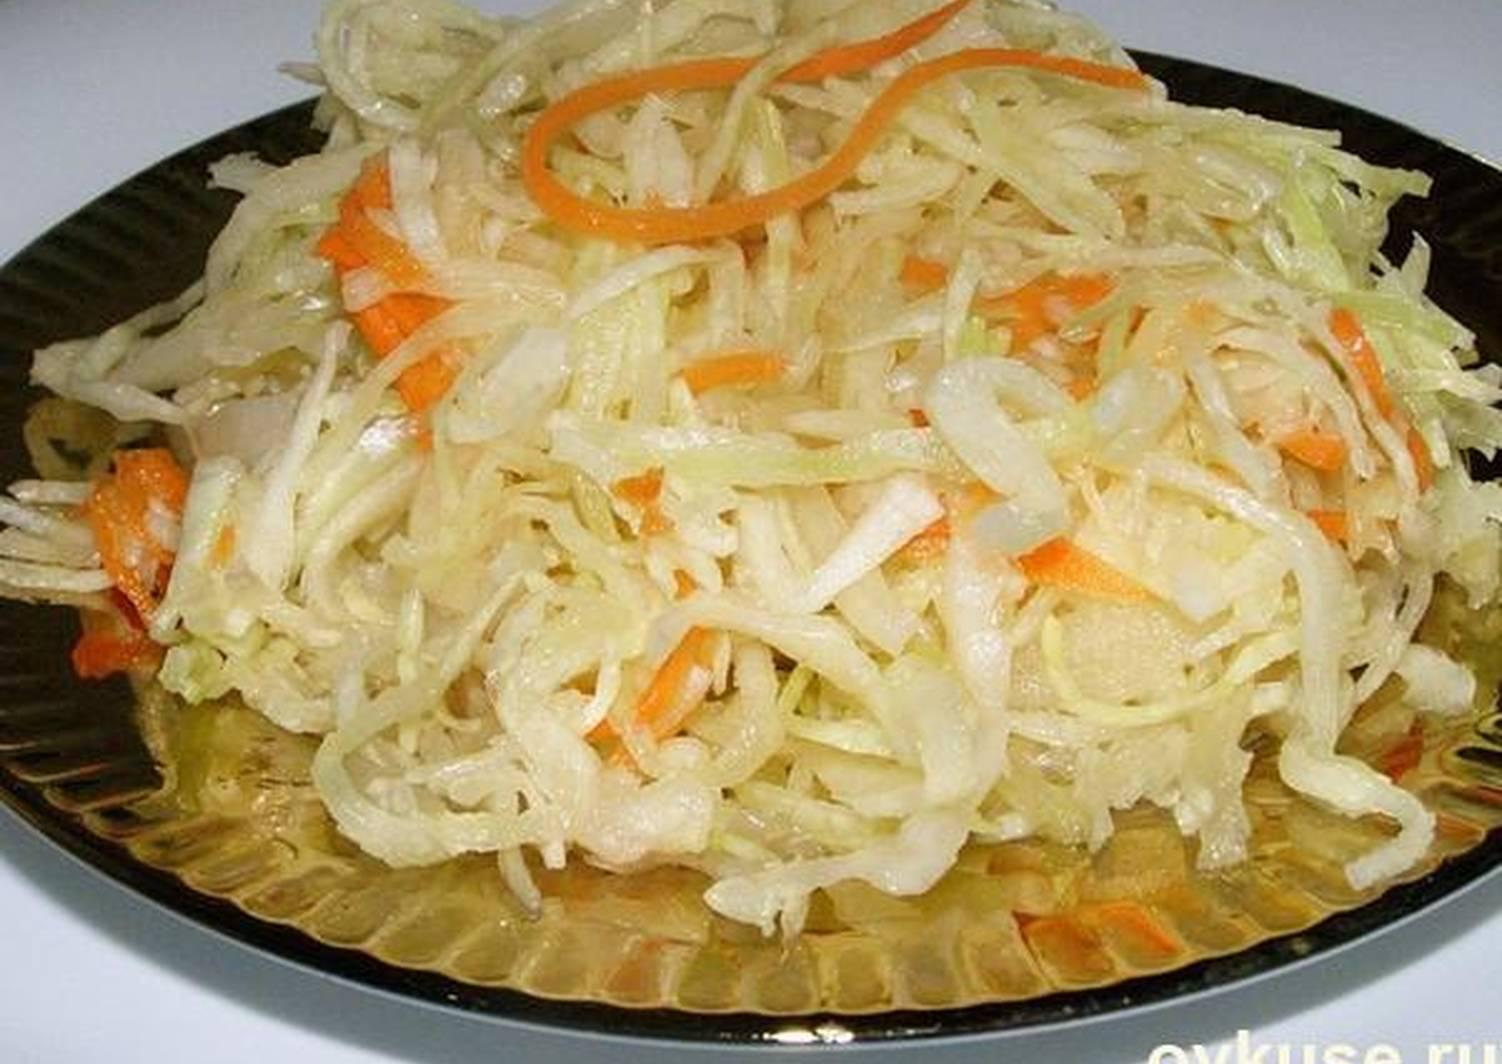 этой блюда из кислой капусты рецепты с фото применить